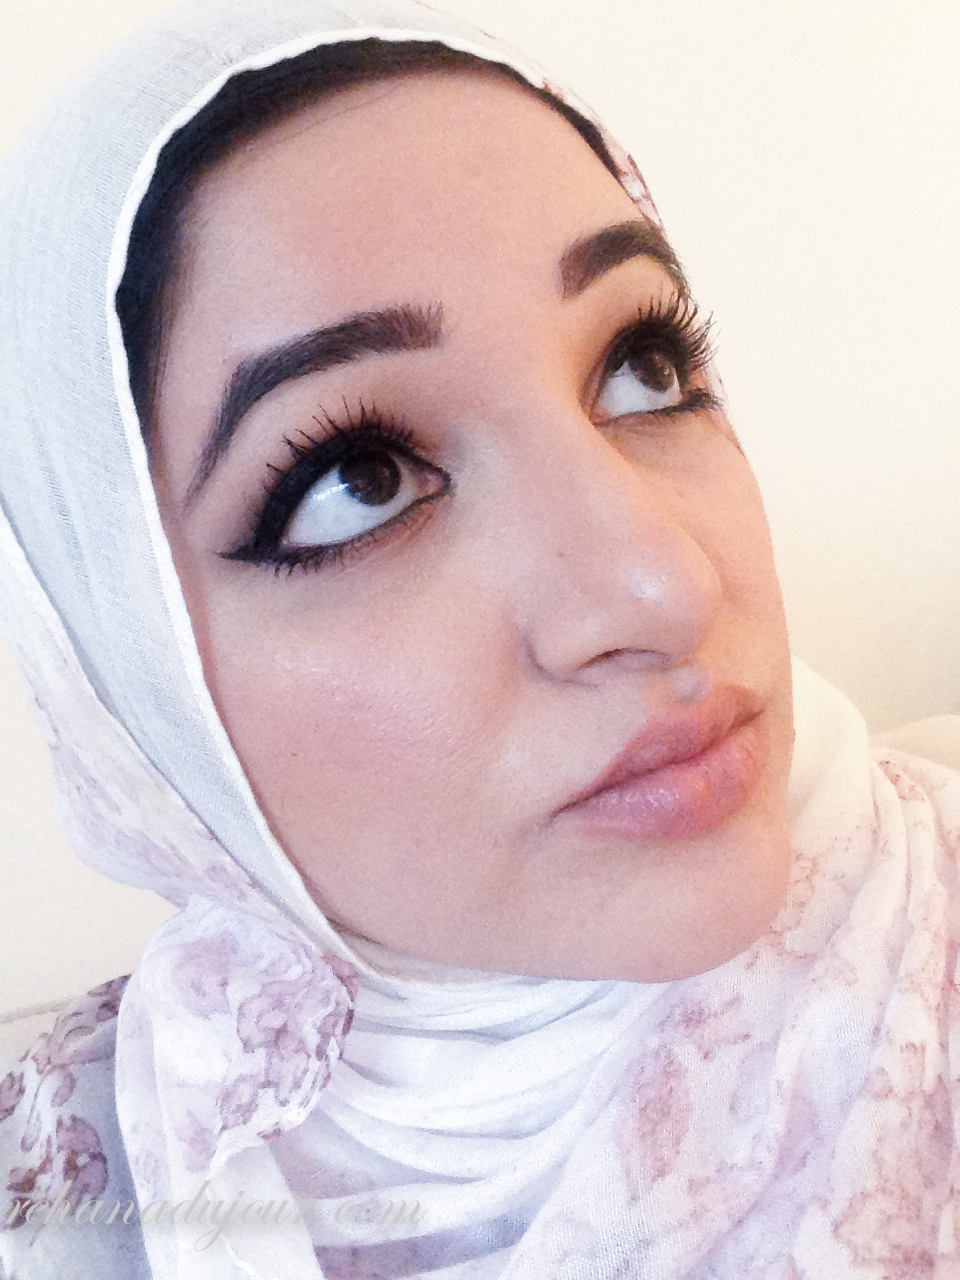 What's On My Face?   Rehana Du Jour